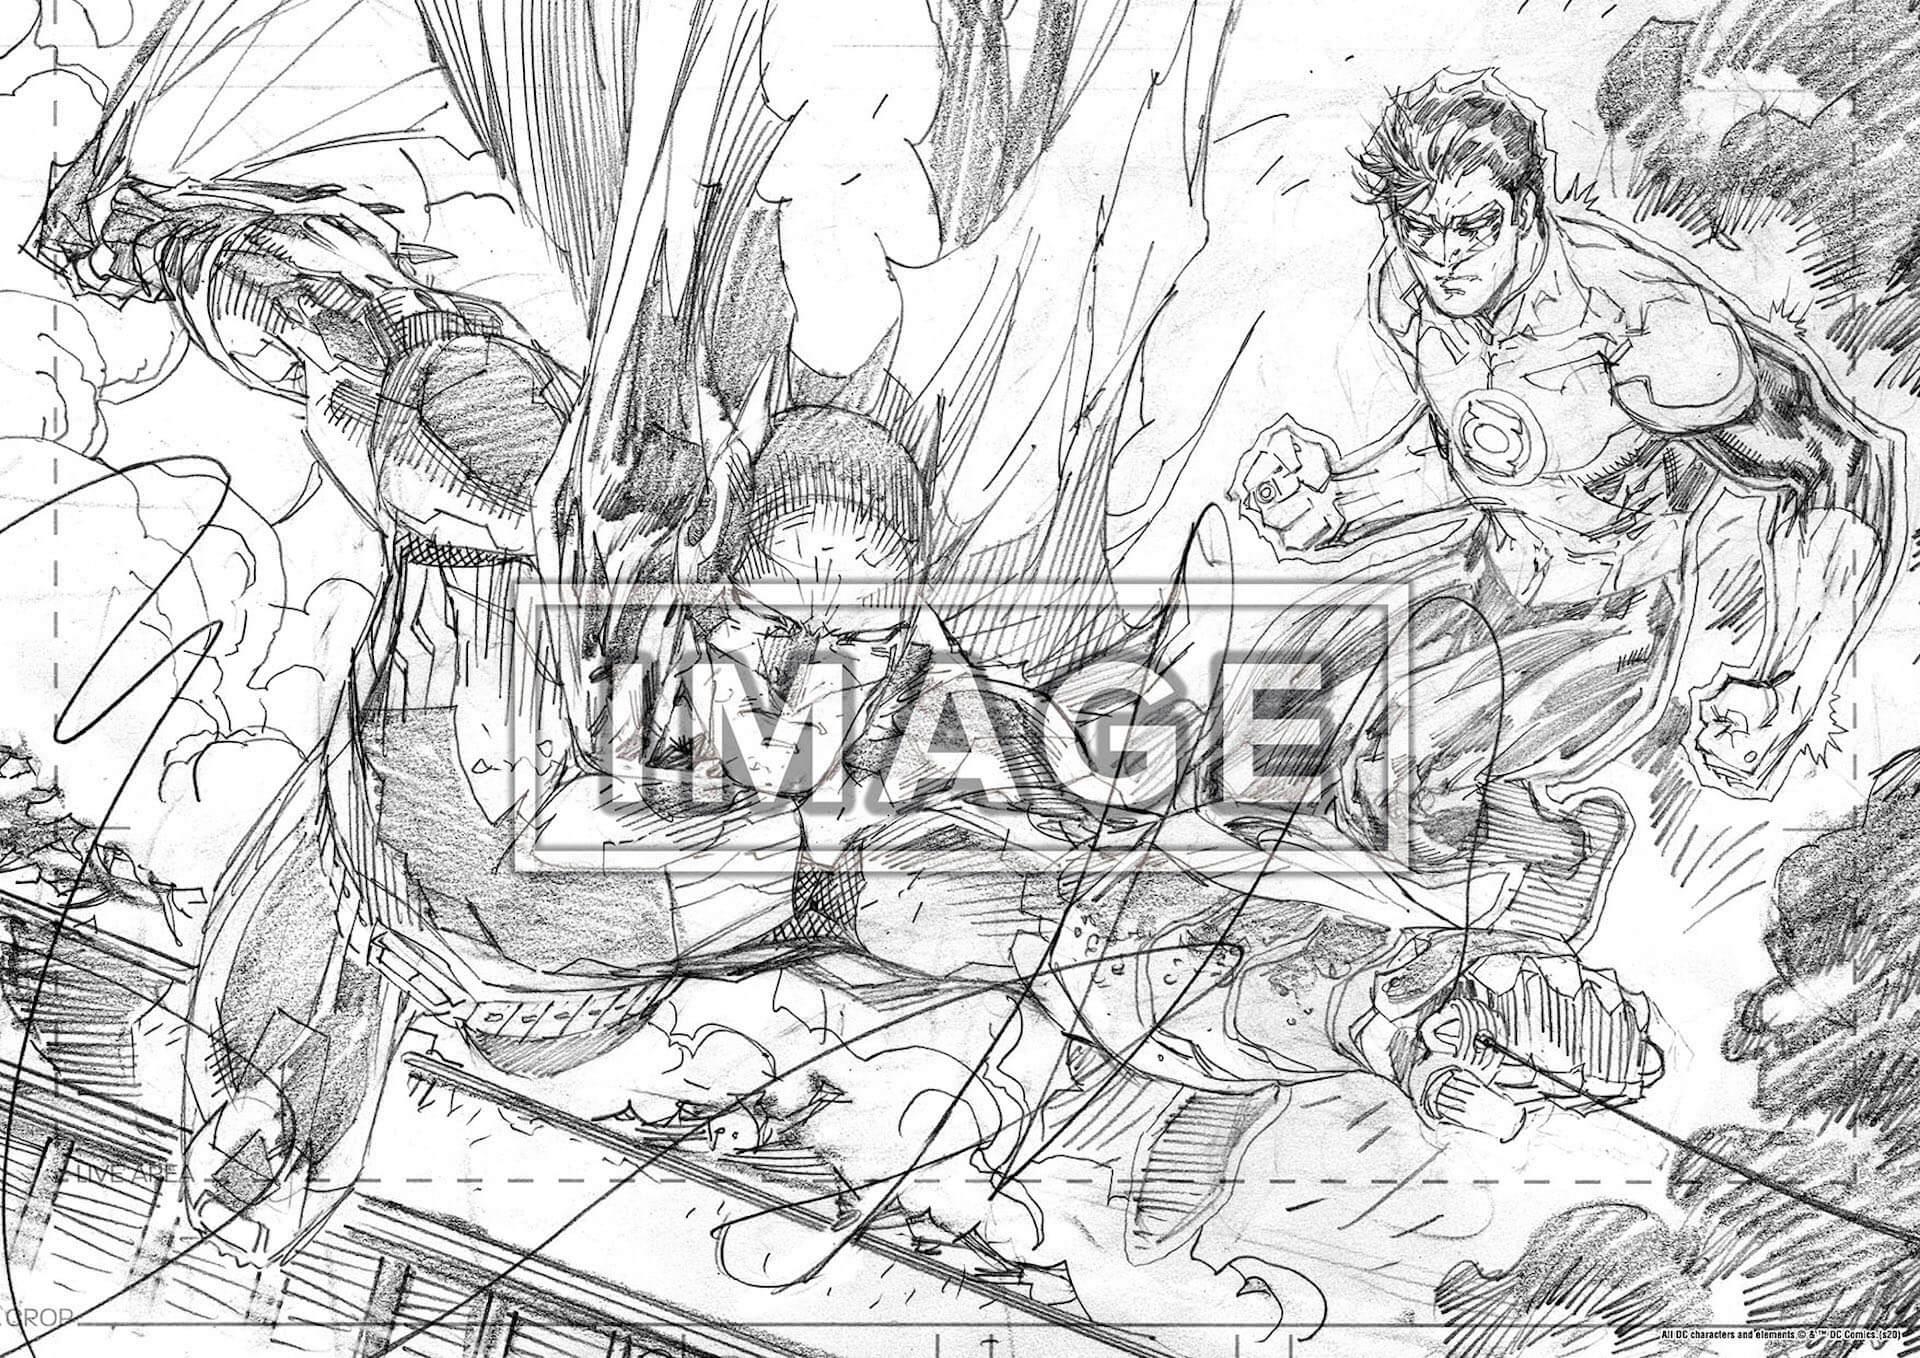 『ワンダーウーマン 1984』劇場公開記念!スーパーマン、バットマン、ジョーカーら人気DCキャラのBE@RBRICKや限定ポスターが当たるHappyくじが発売 art201216_dc_bearbrick_14